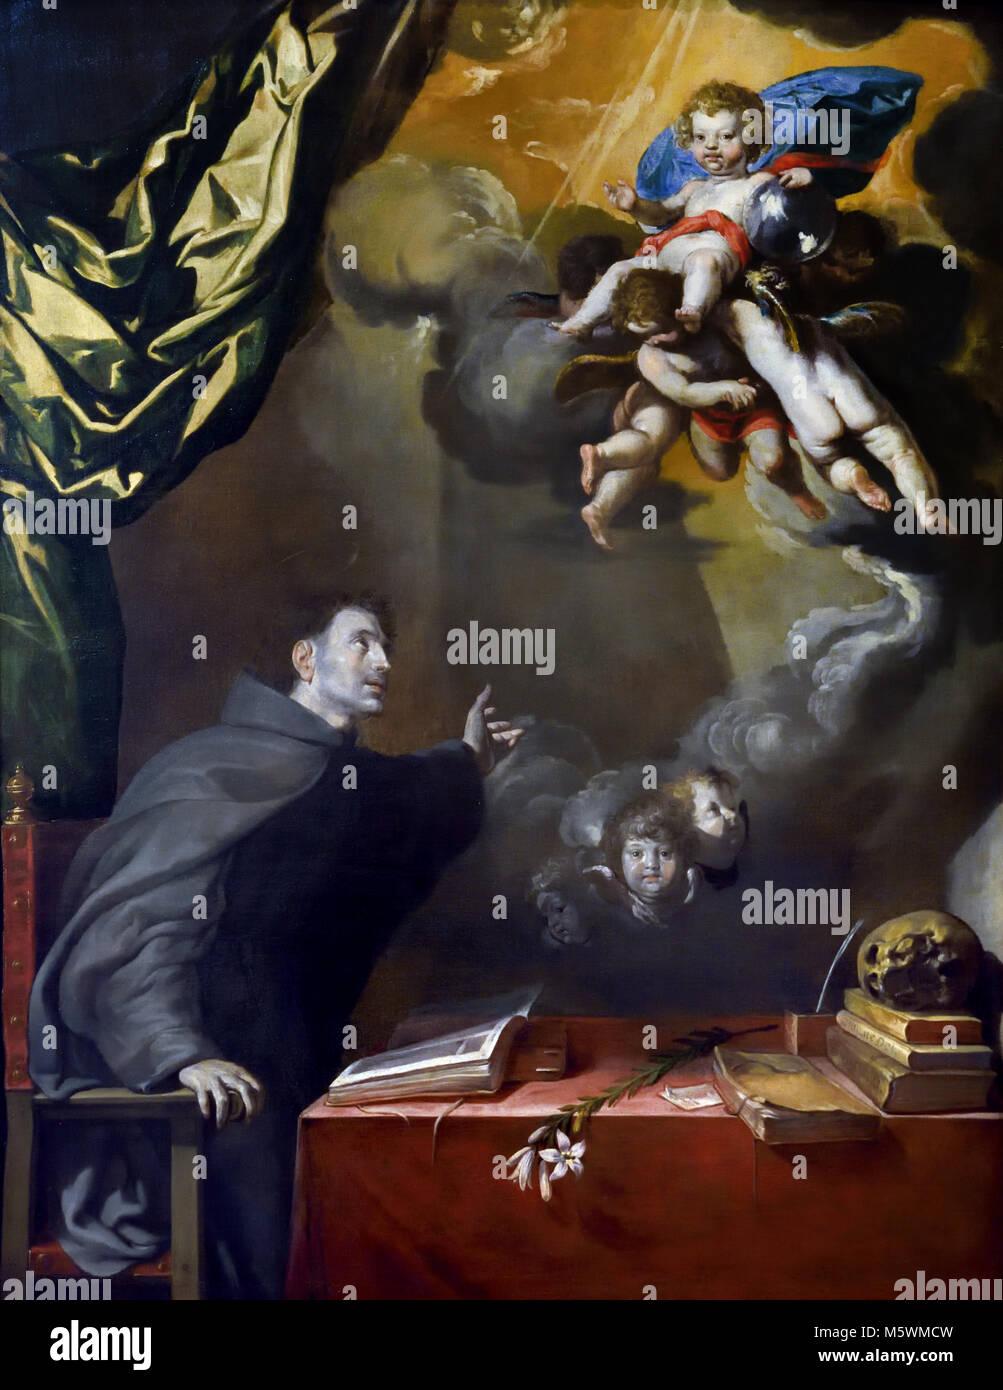 L'apparence de l'enfant à San Antonio 1650 Artiste Antonio del castillo y Saavedra (1616-1668) 17ème Photo Stock